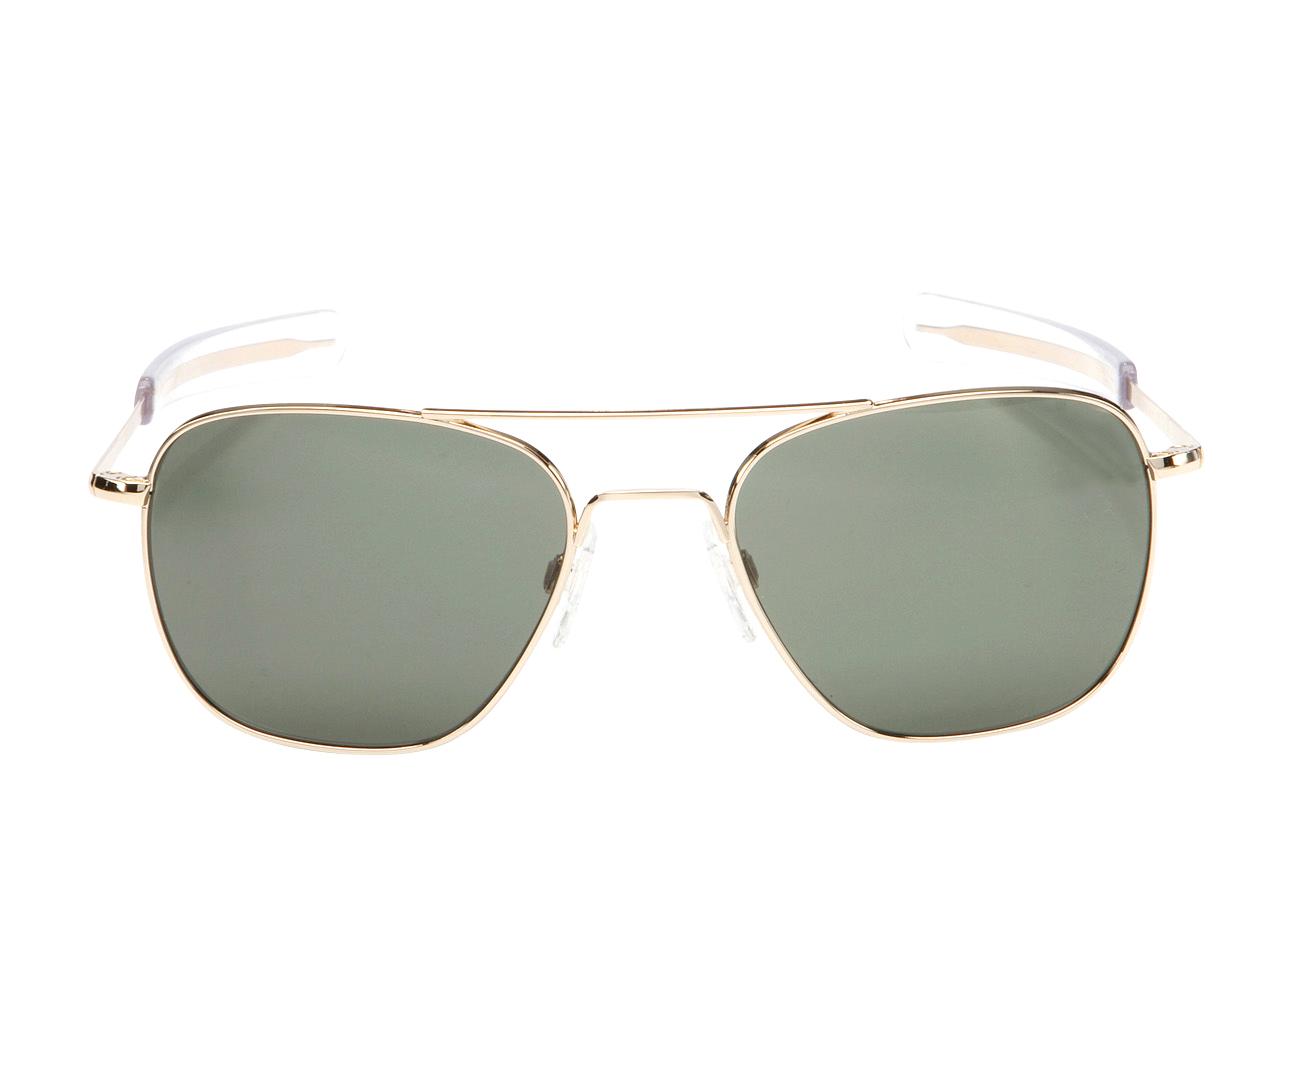 ray ban brille auf echtheit prüfen